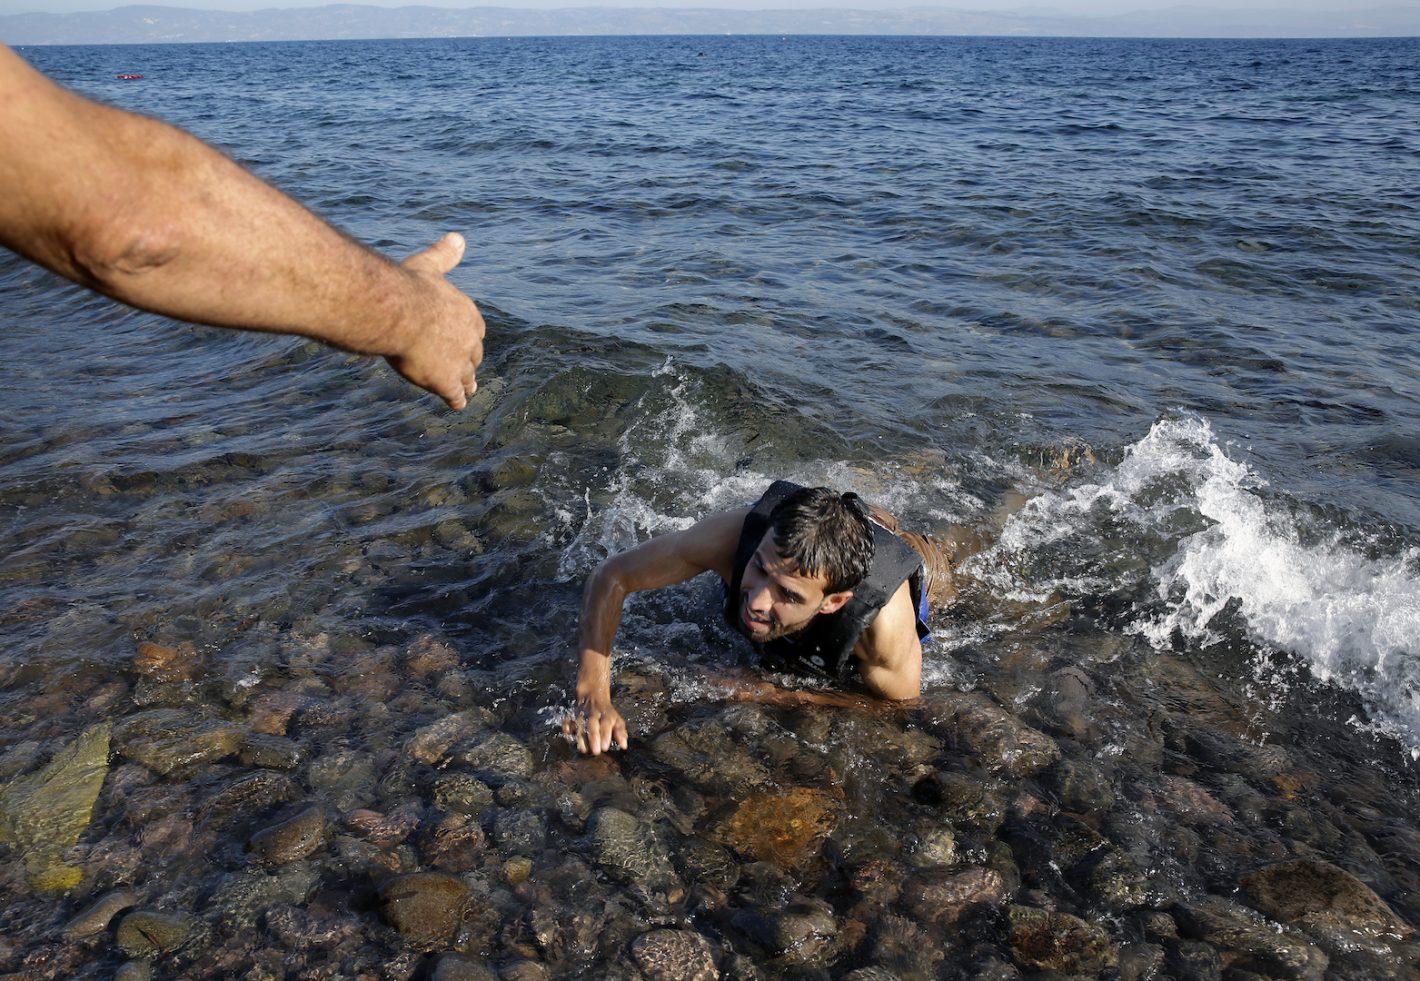 Un habitant de l'île grecque de Lesbos tend la main à un réfugié Syrien épuisé qui vient de tomber d'un canot de migrants surpeuplé. 17 septembre 2015 - REUTERS/Yannis Behrakis